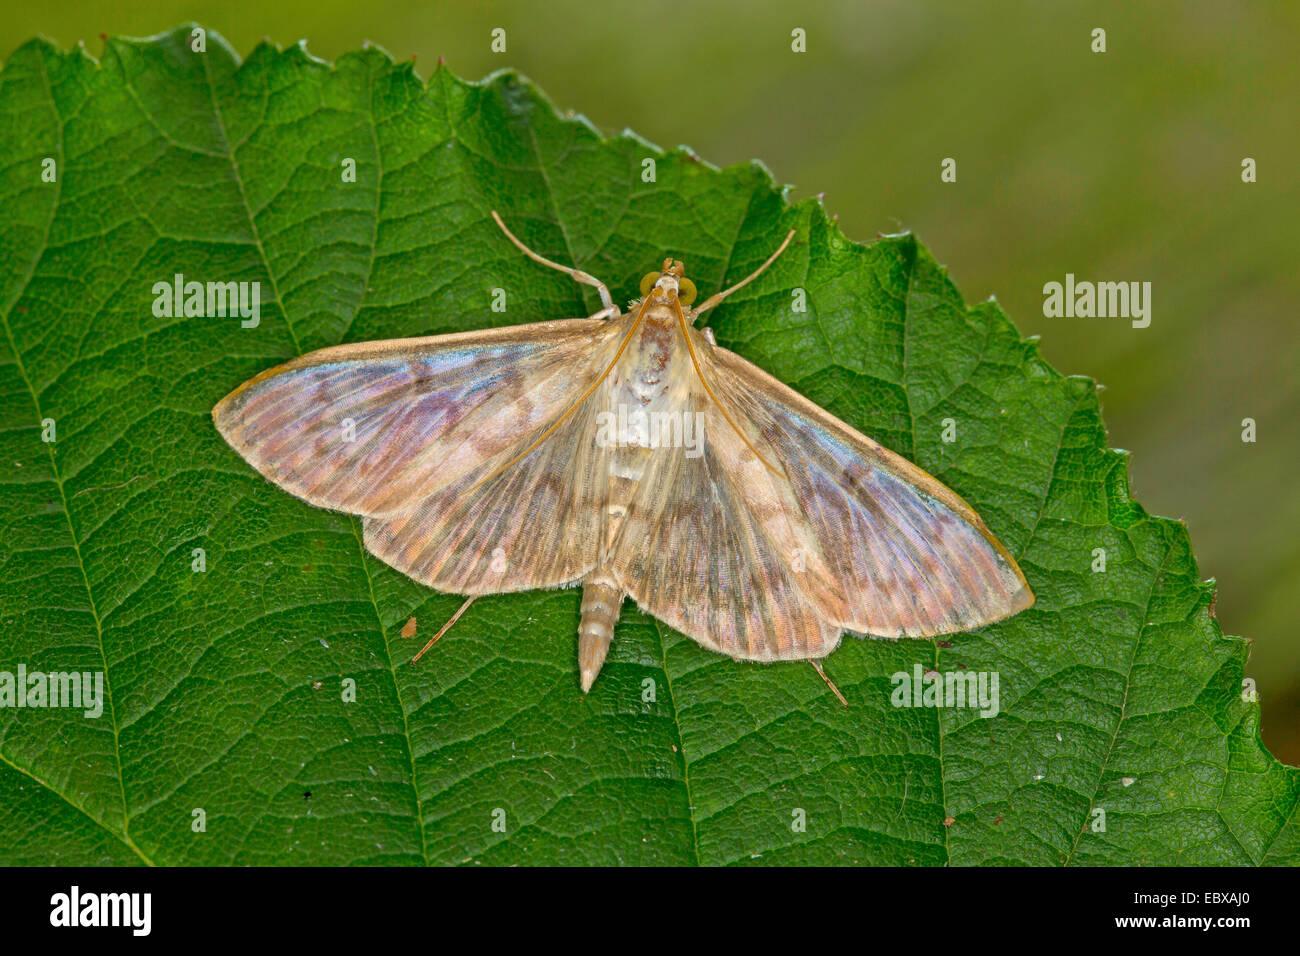 Mother of Pearl (Pleuroptya ruralis, Syllepta ruralis, Pleuroptya verticalis), on a leaf, Germany - Stock Image